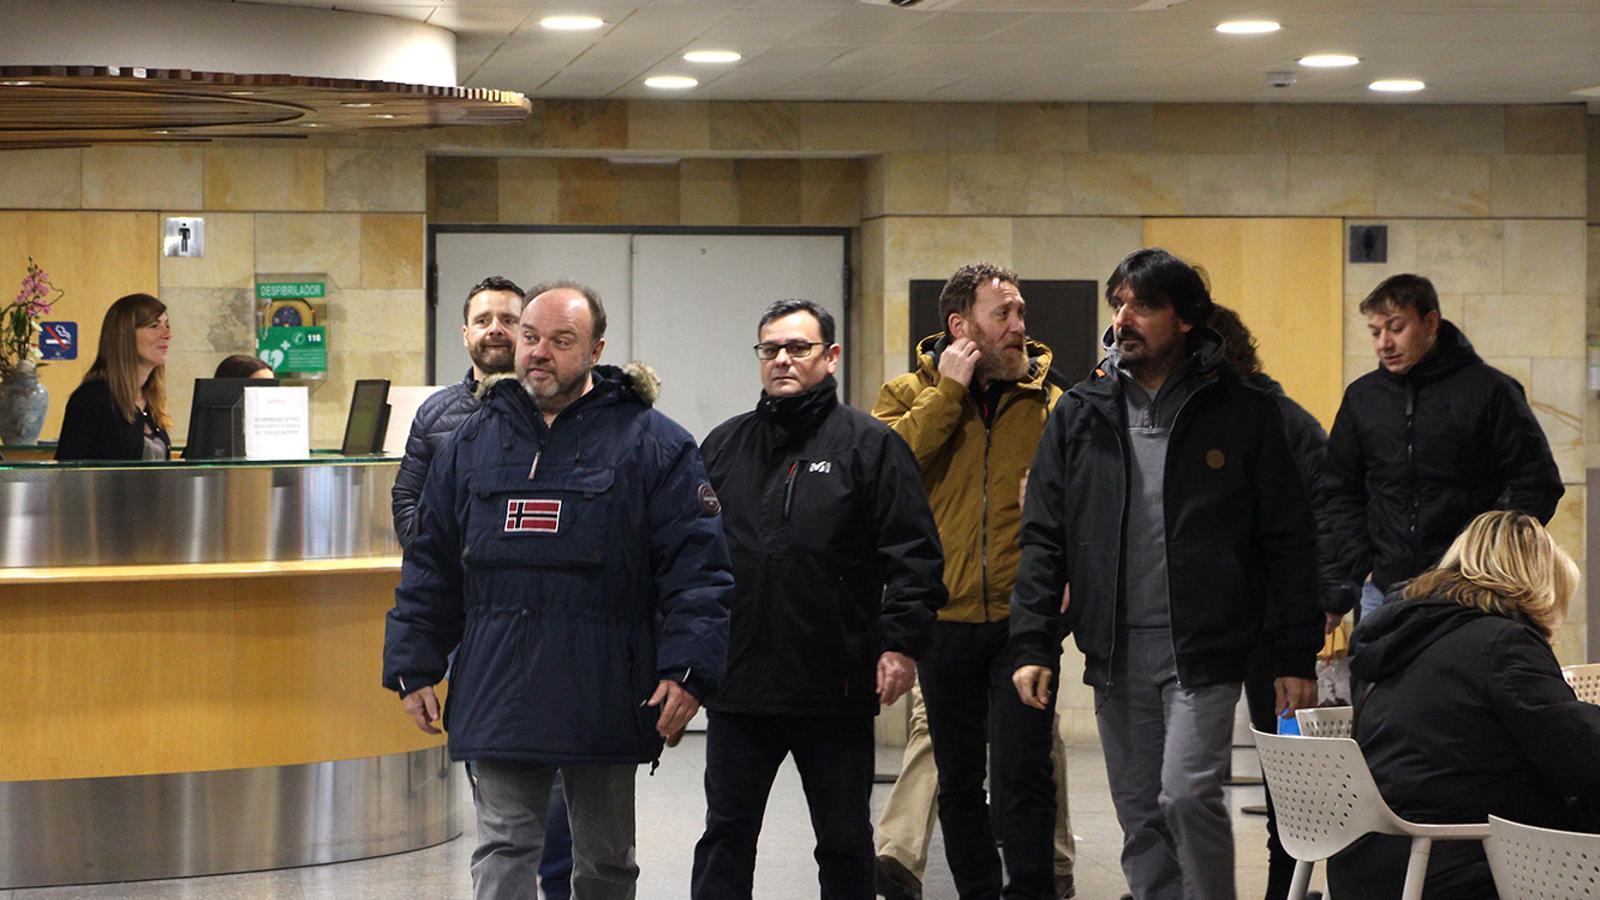 El representants sindicals, amb el portaveu Gabriel Ubach al capdavant, arriben a l'edifici administratiu de Govern. / M. F. (ANA)